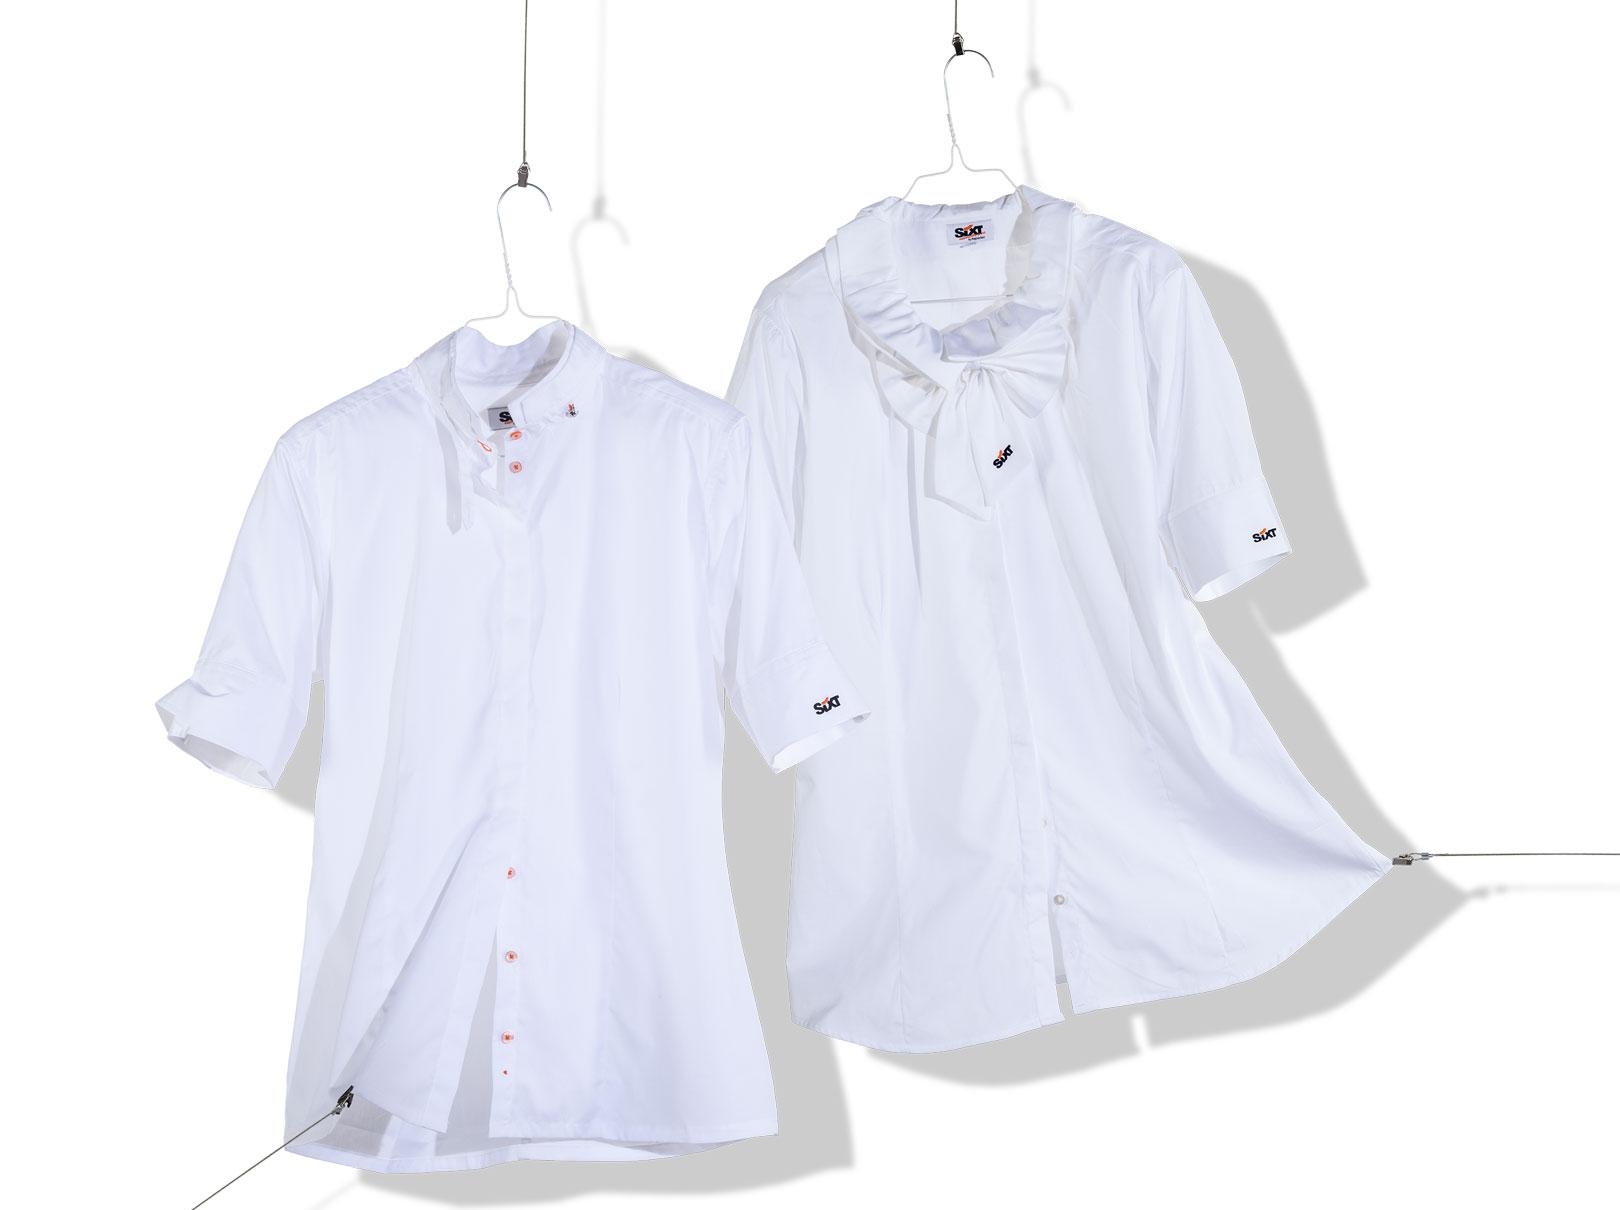 Bluse und Hemd für den Dienst bei Sixt